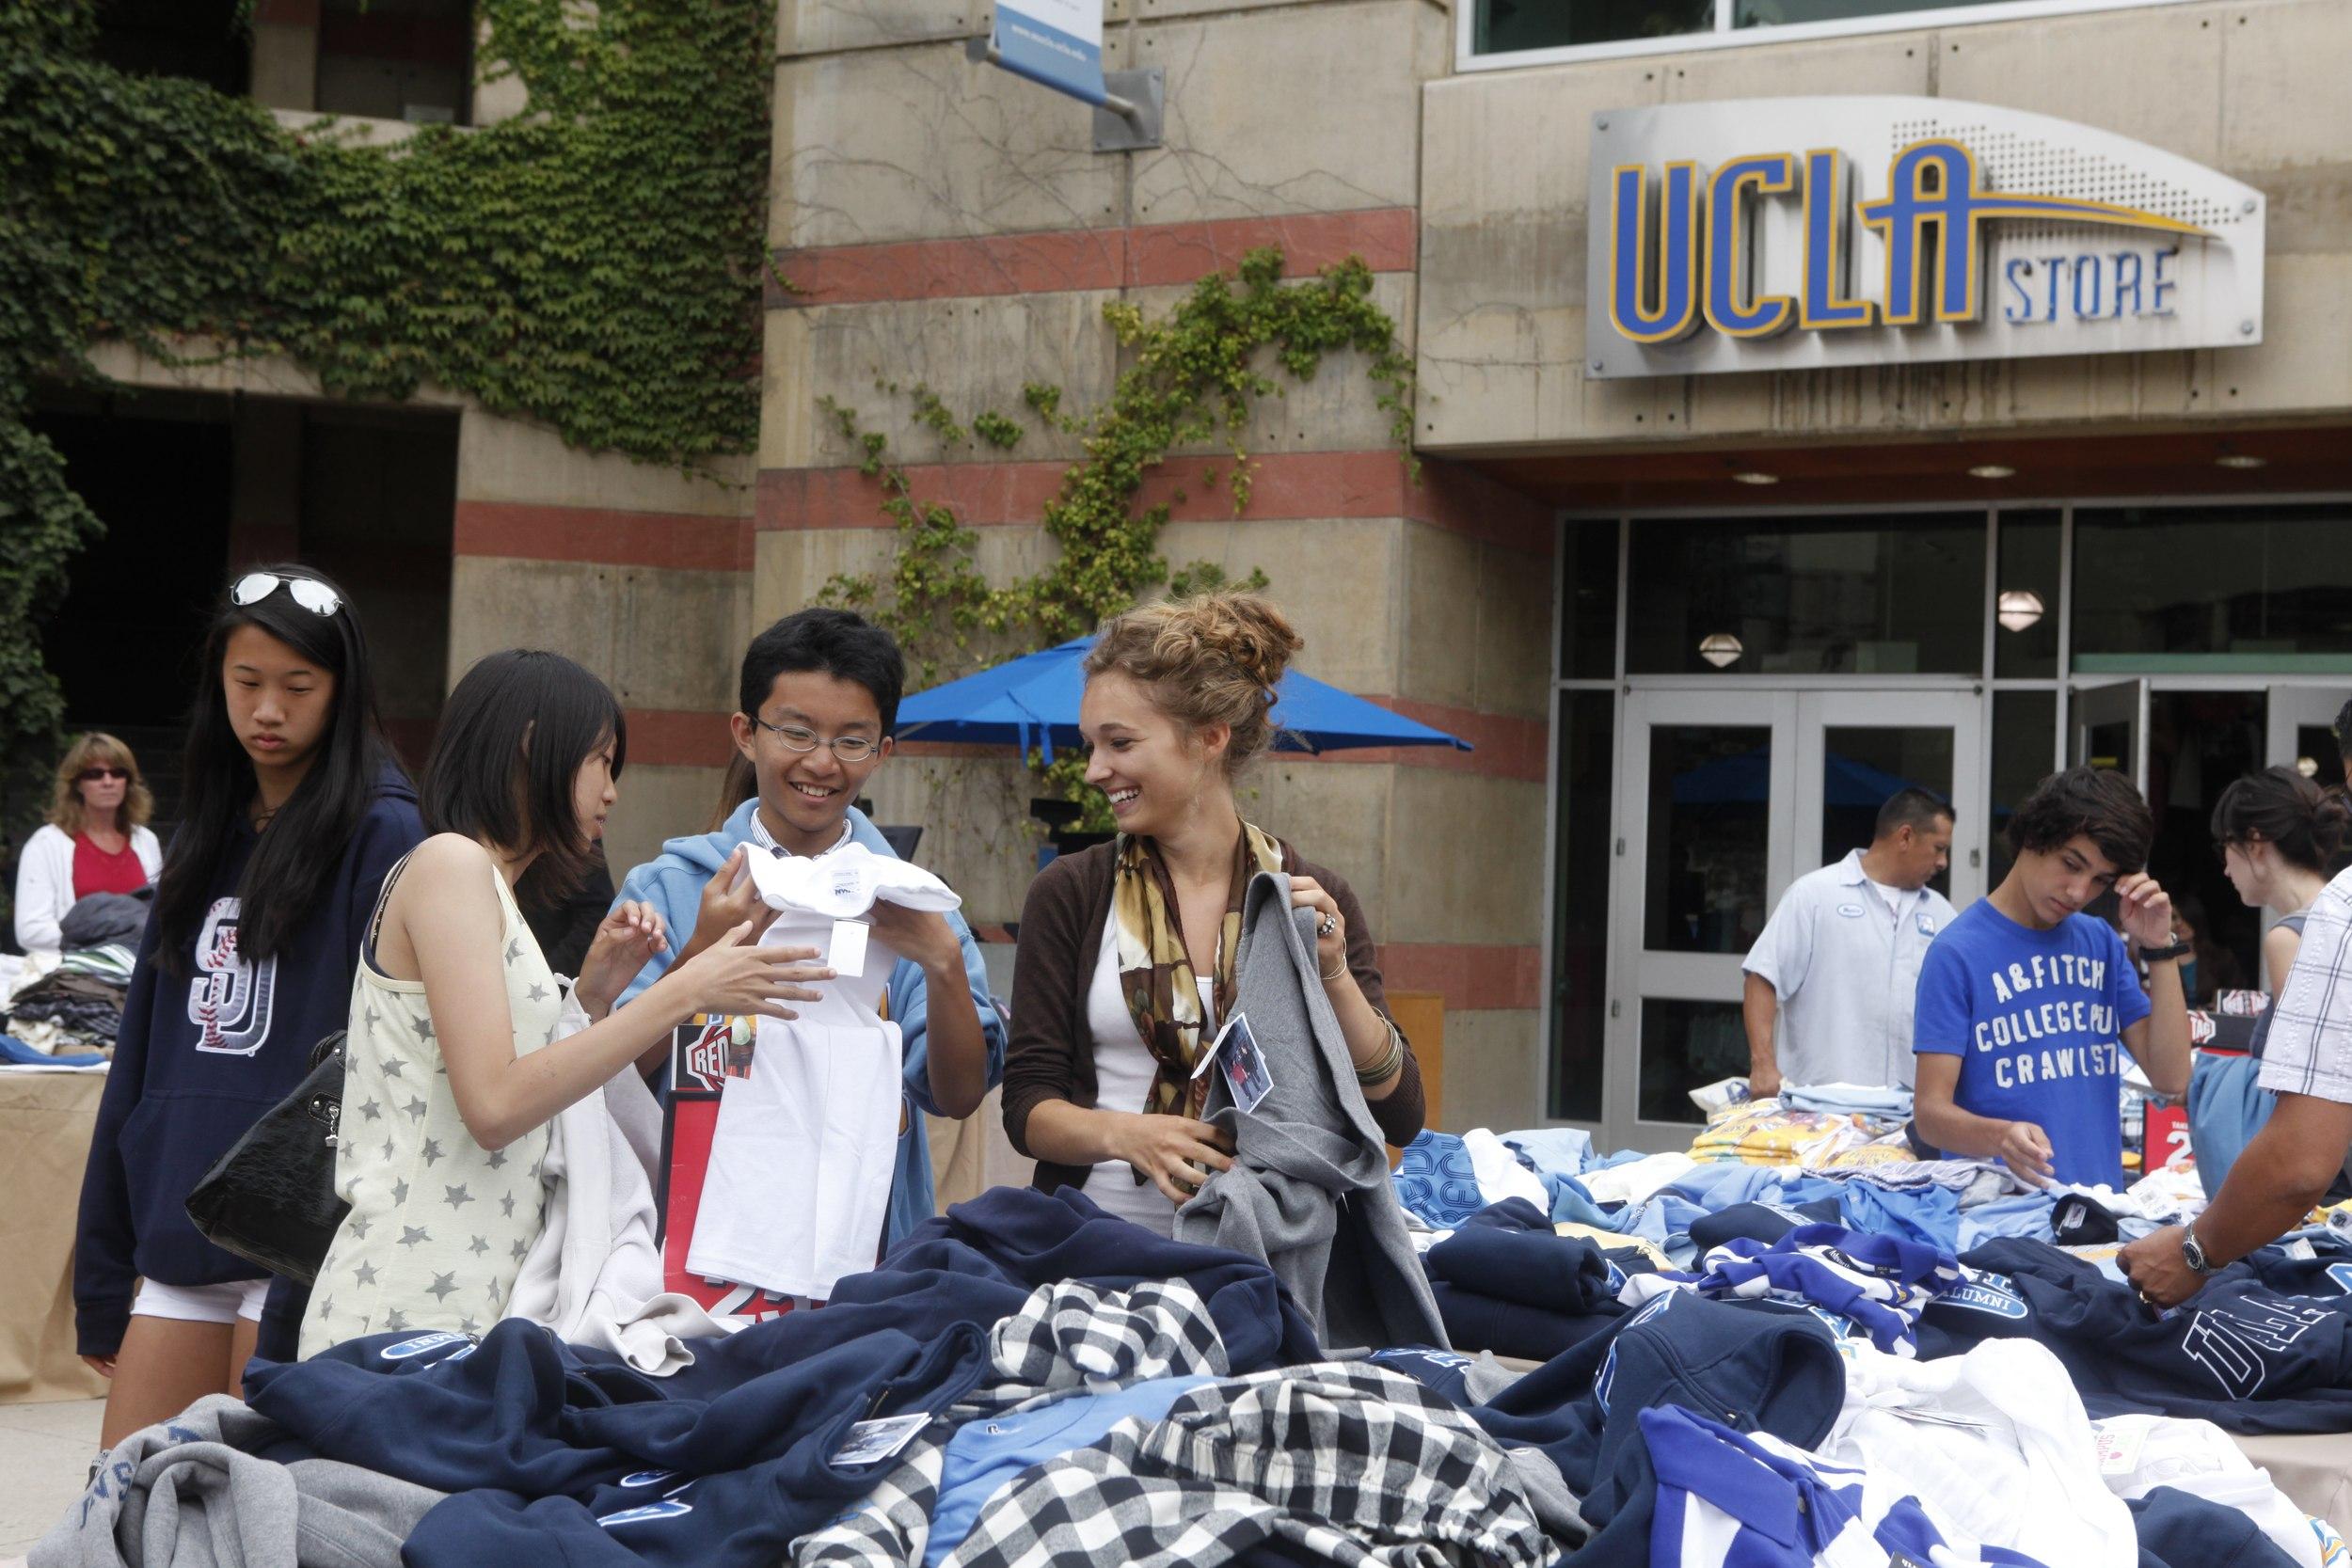 ELC - UCLA School Store -  low res.jpg